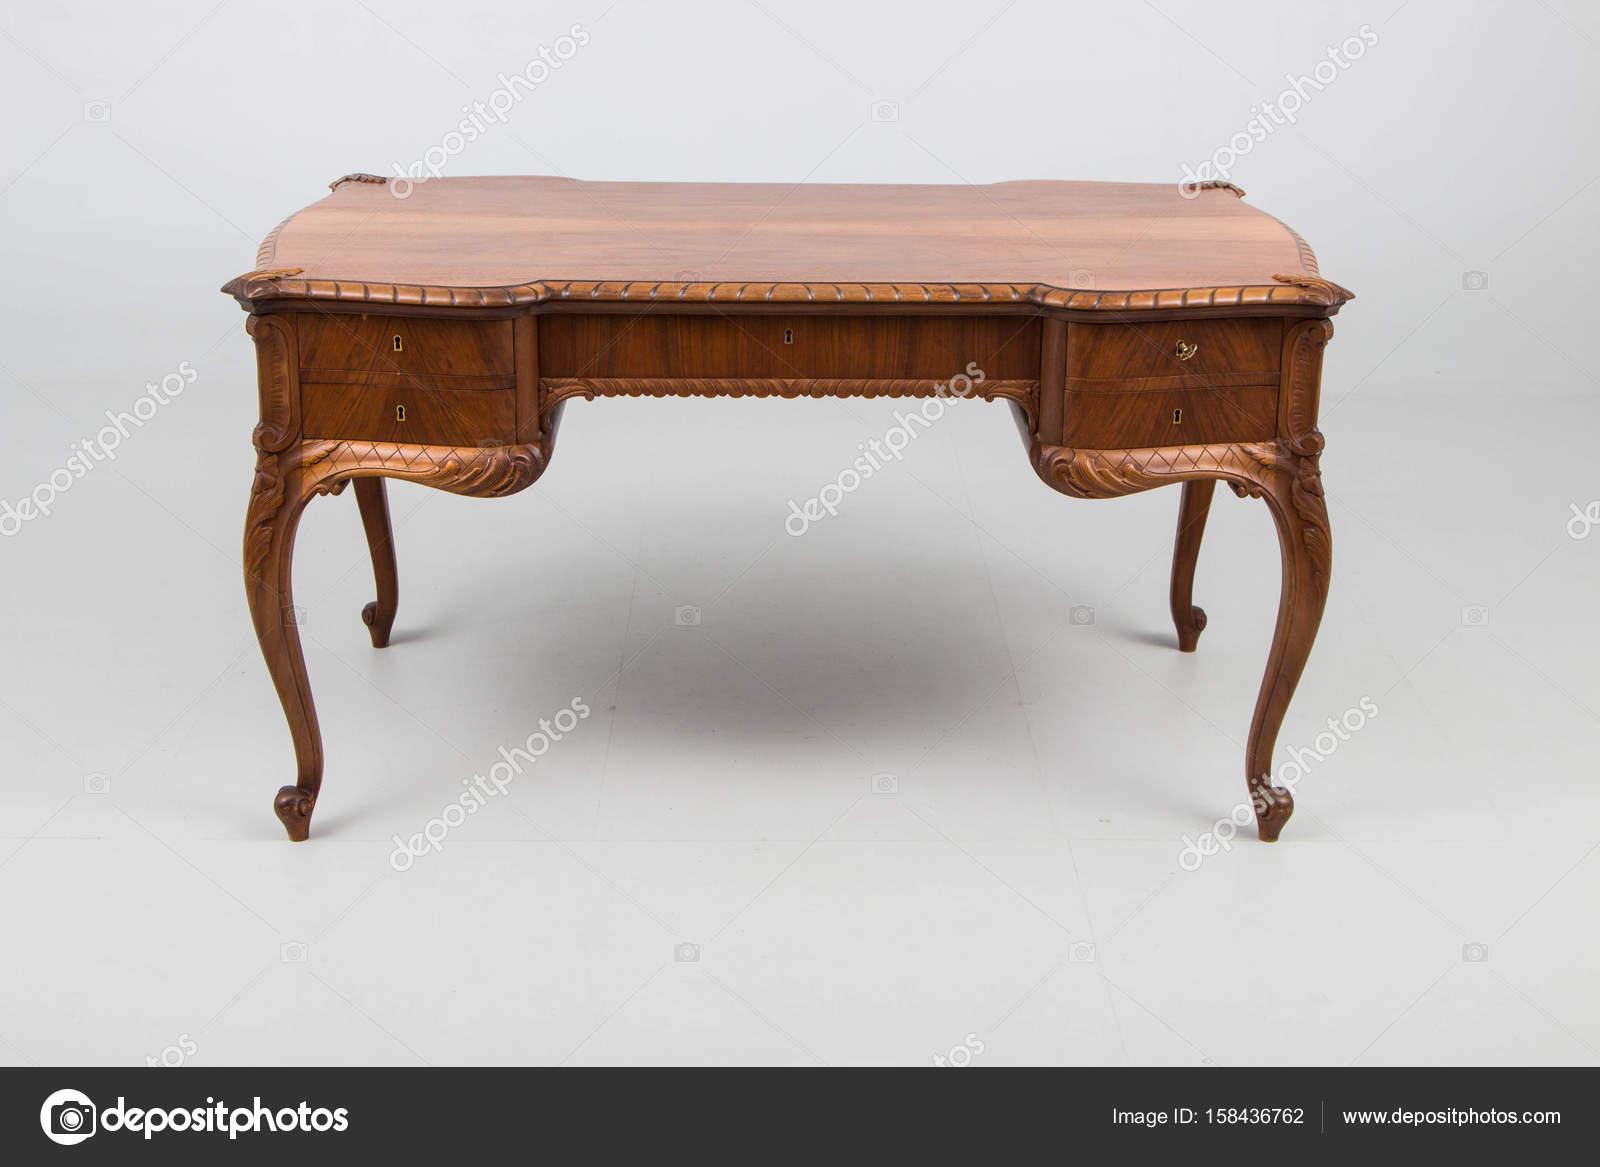 Tavolo legno antico interesting tavolo antico in legno for Tavolo legno vecchio usato